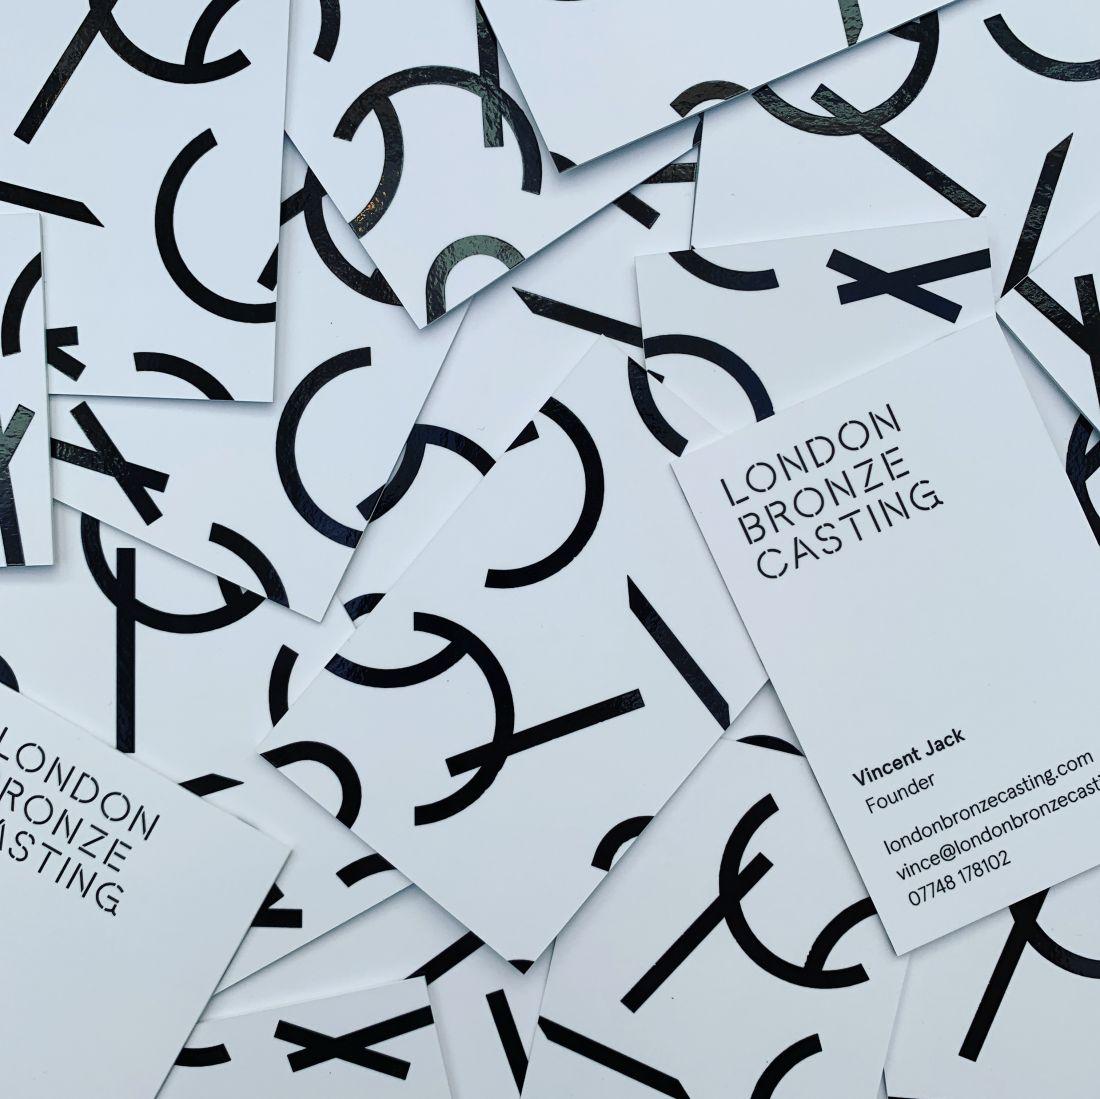 Mr President S Design Studio Offshoot Oval Rebrands London